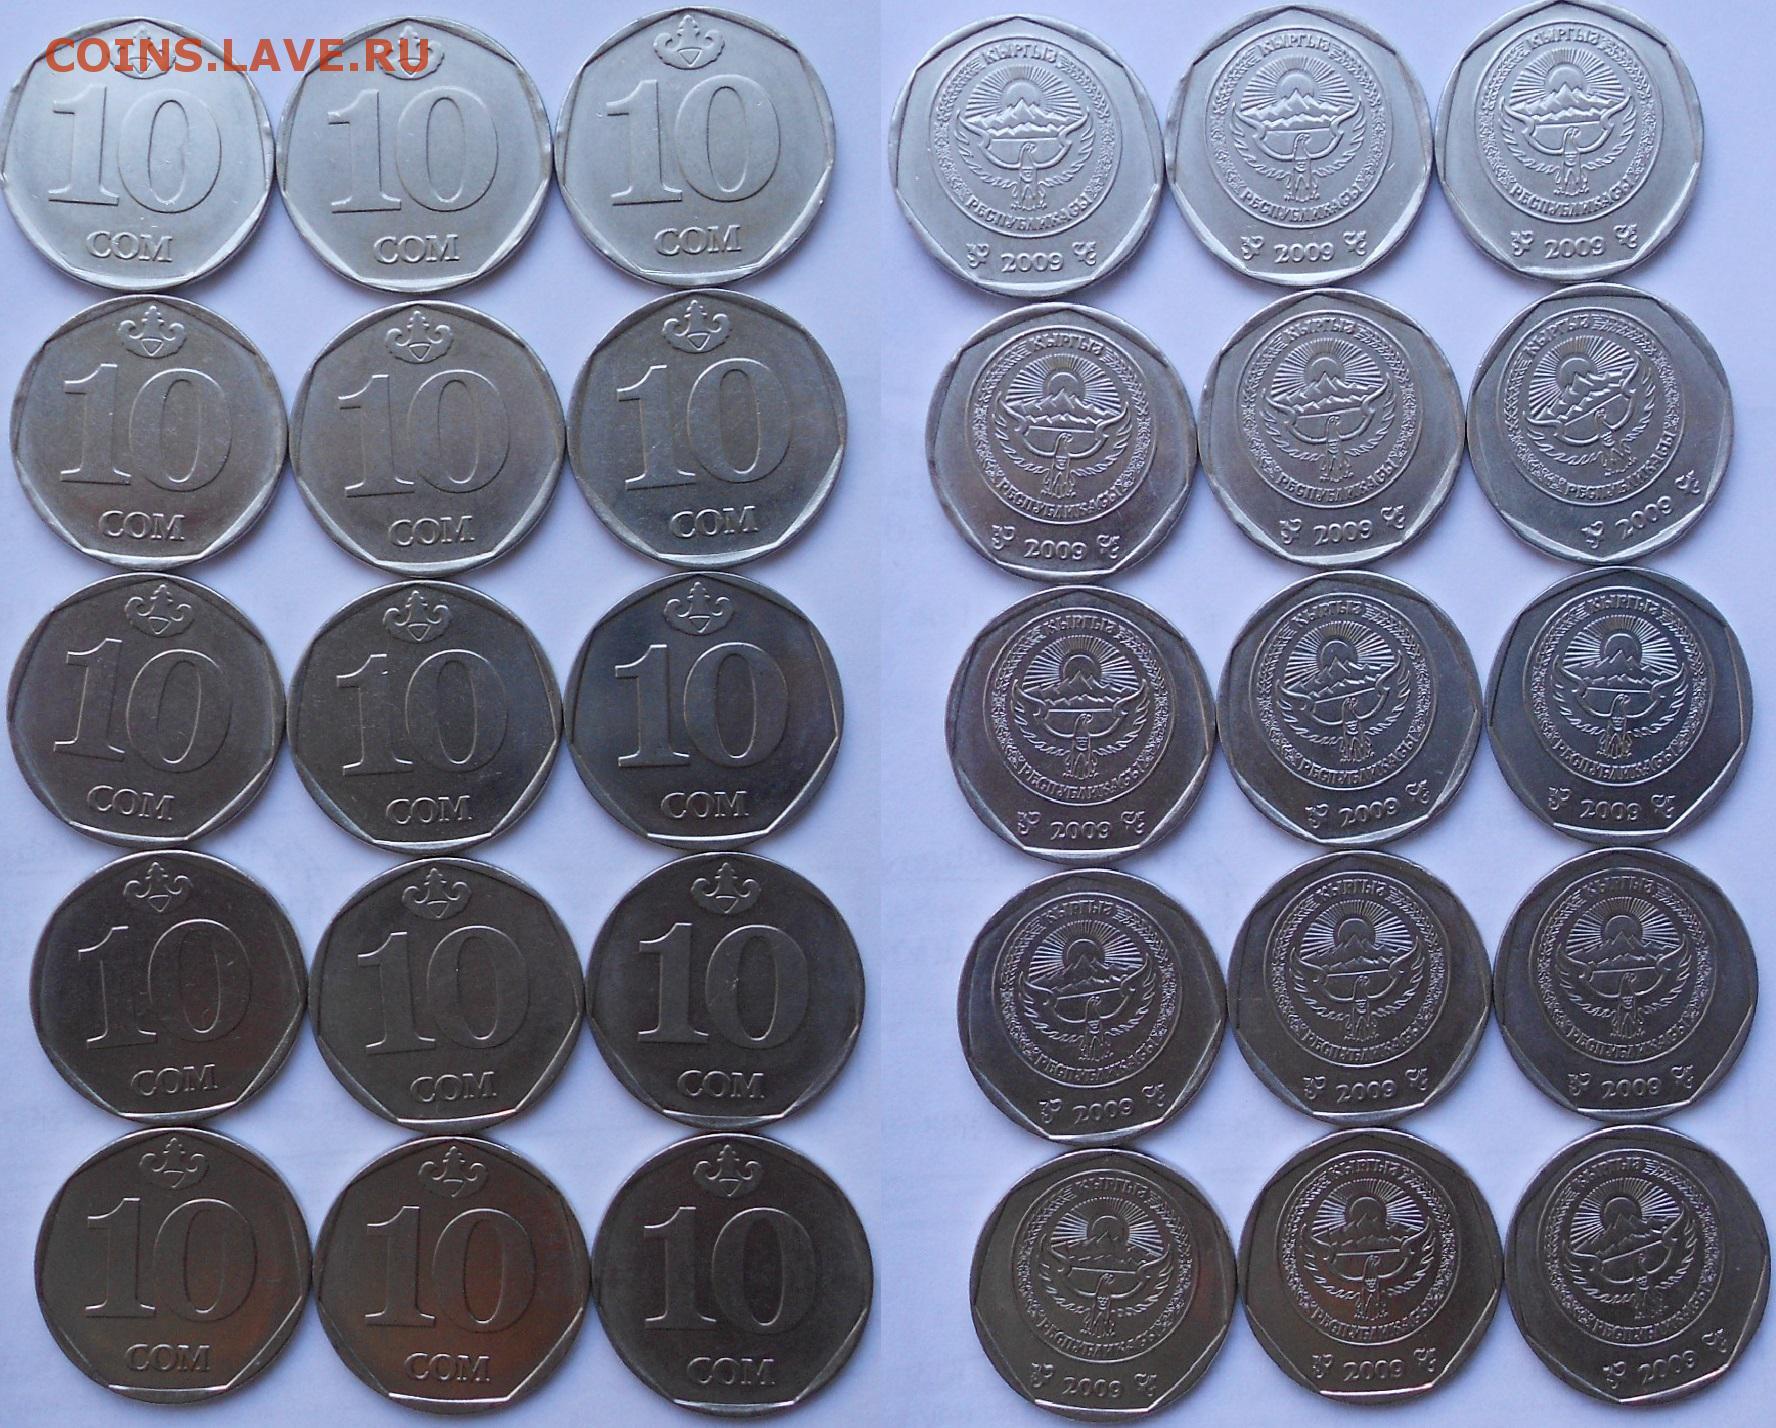 10 сом 2009 киргизия 50 копеек ссср 1961 года цена